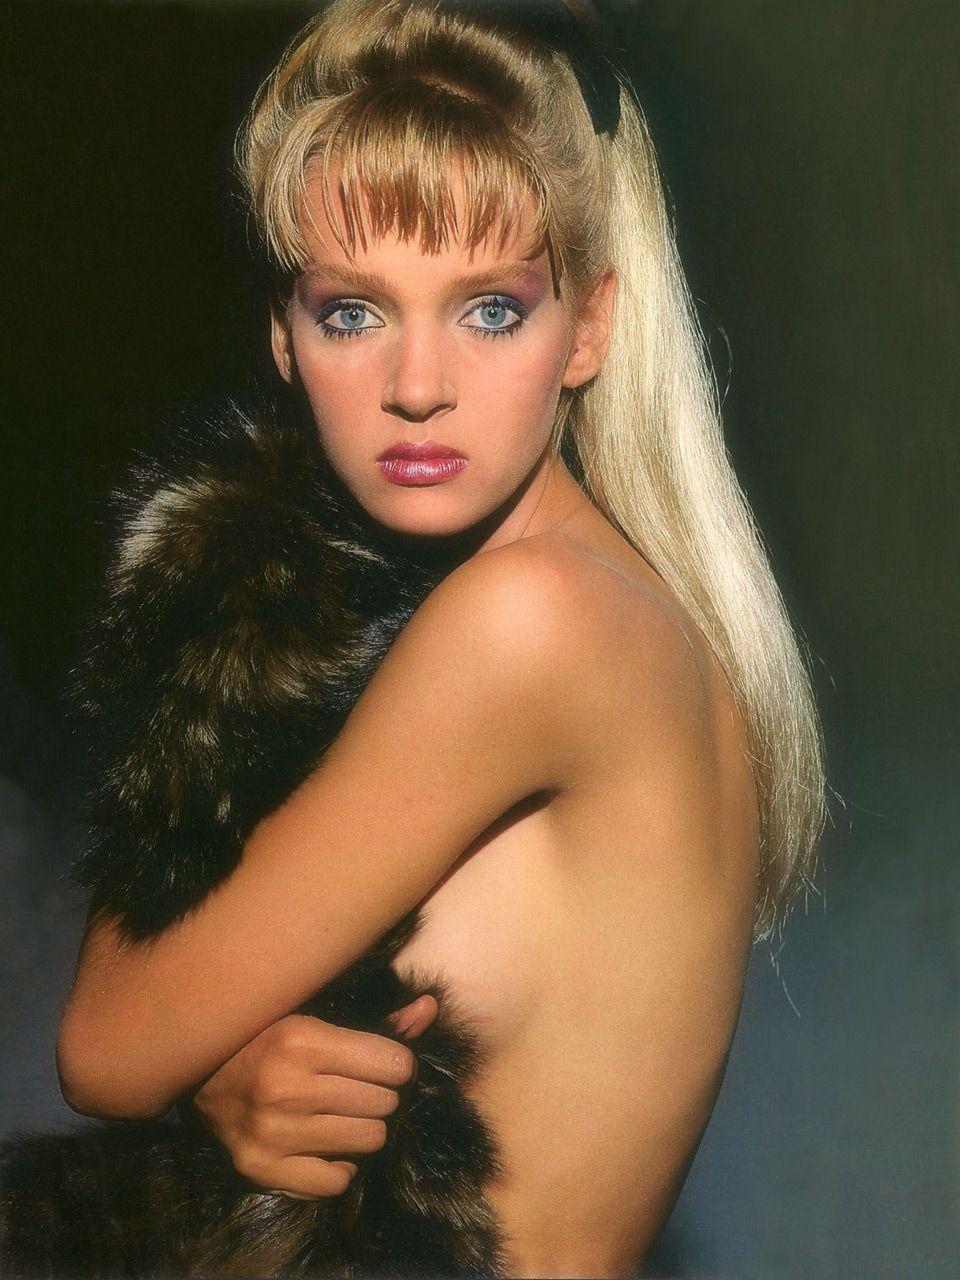 Кэмерон Диаз Несколько знаменитостей, которые начинали в качестве модели, были успешны и востребован